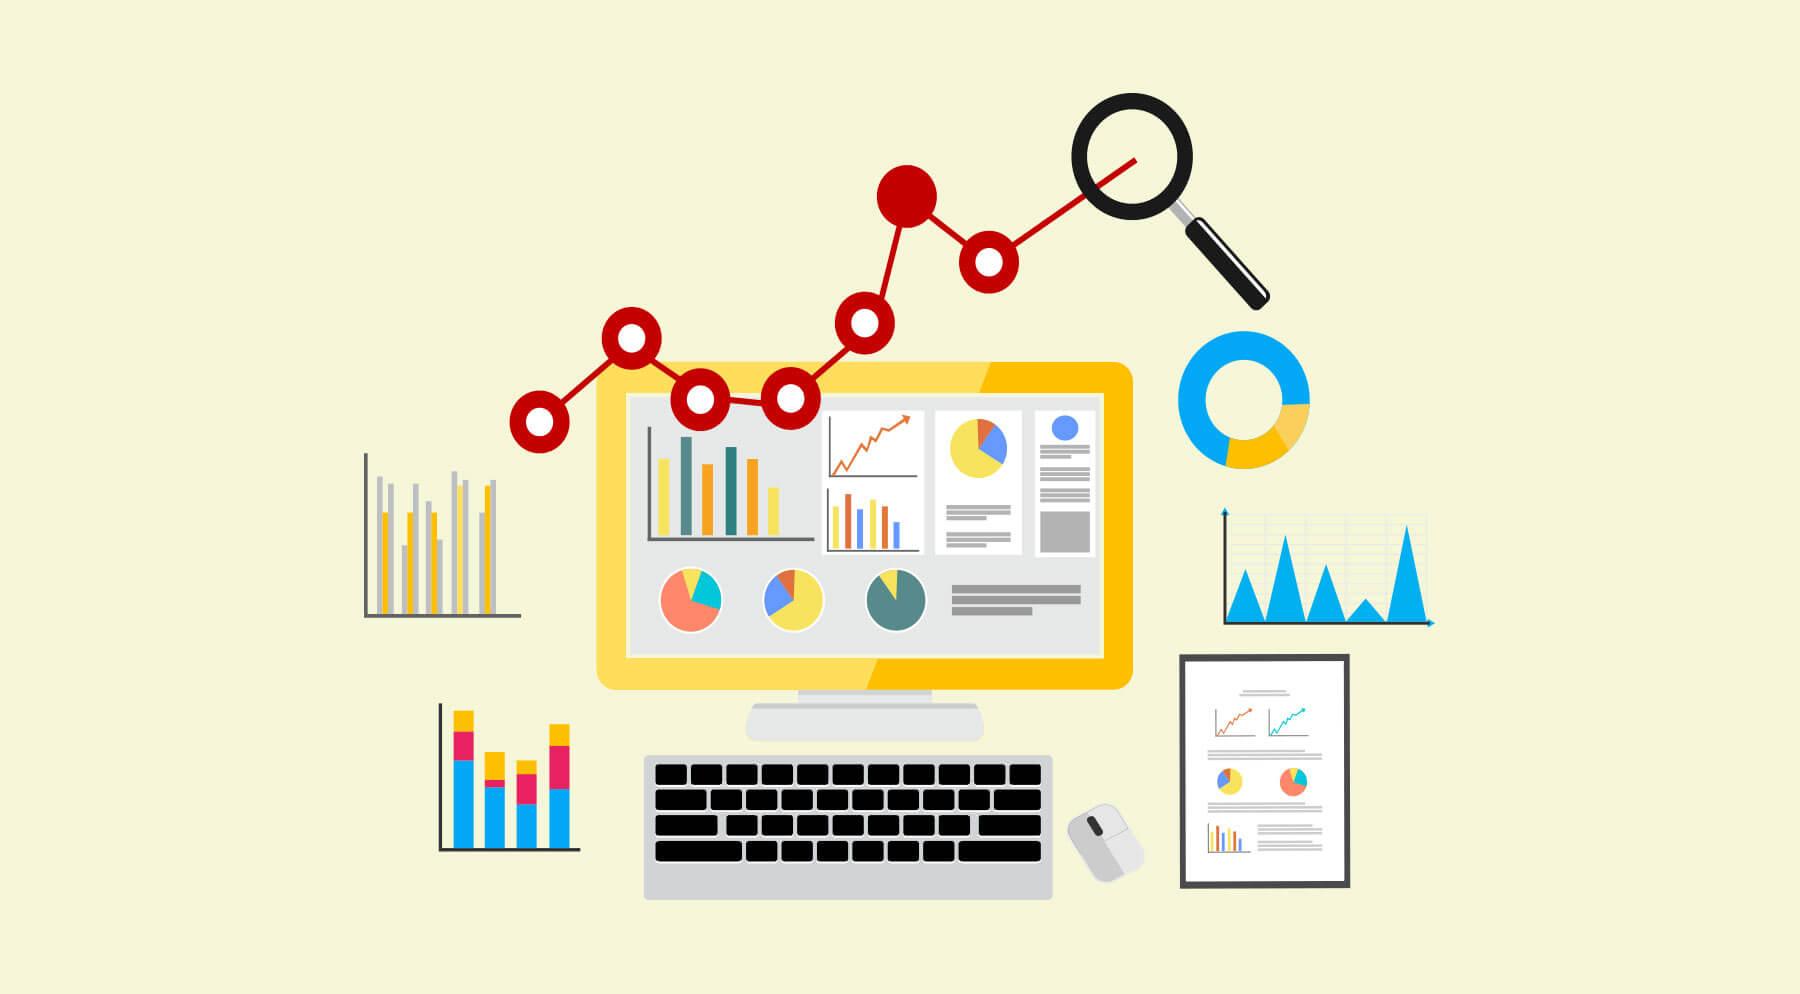 دیجیتال مارکتینگ , آموزش دیجیتال مارکتینگ و تکنیکهای نوین آن, همیار آی تی